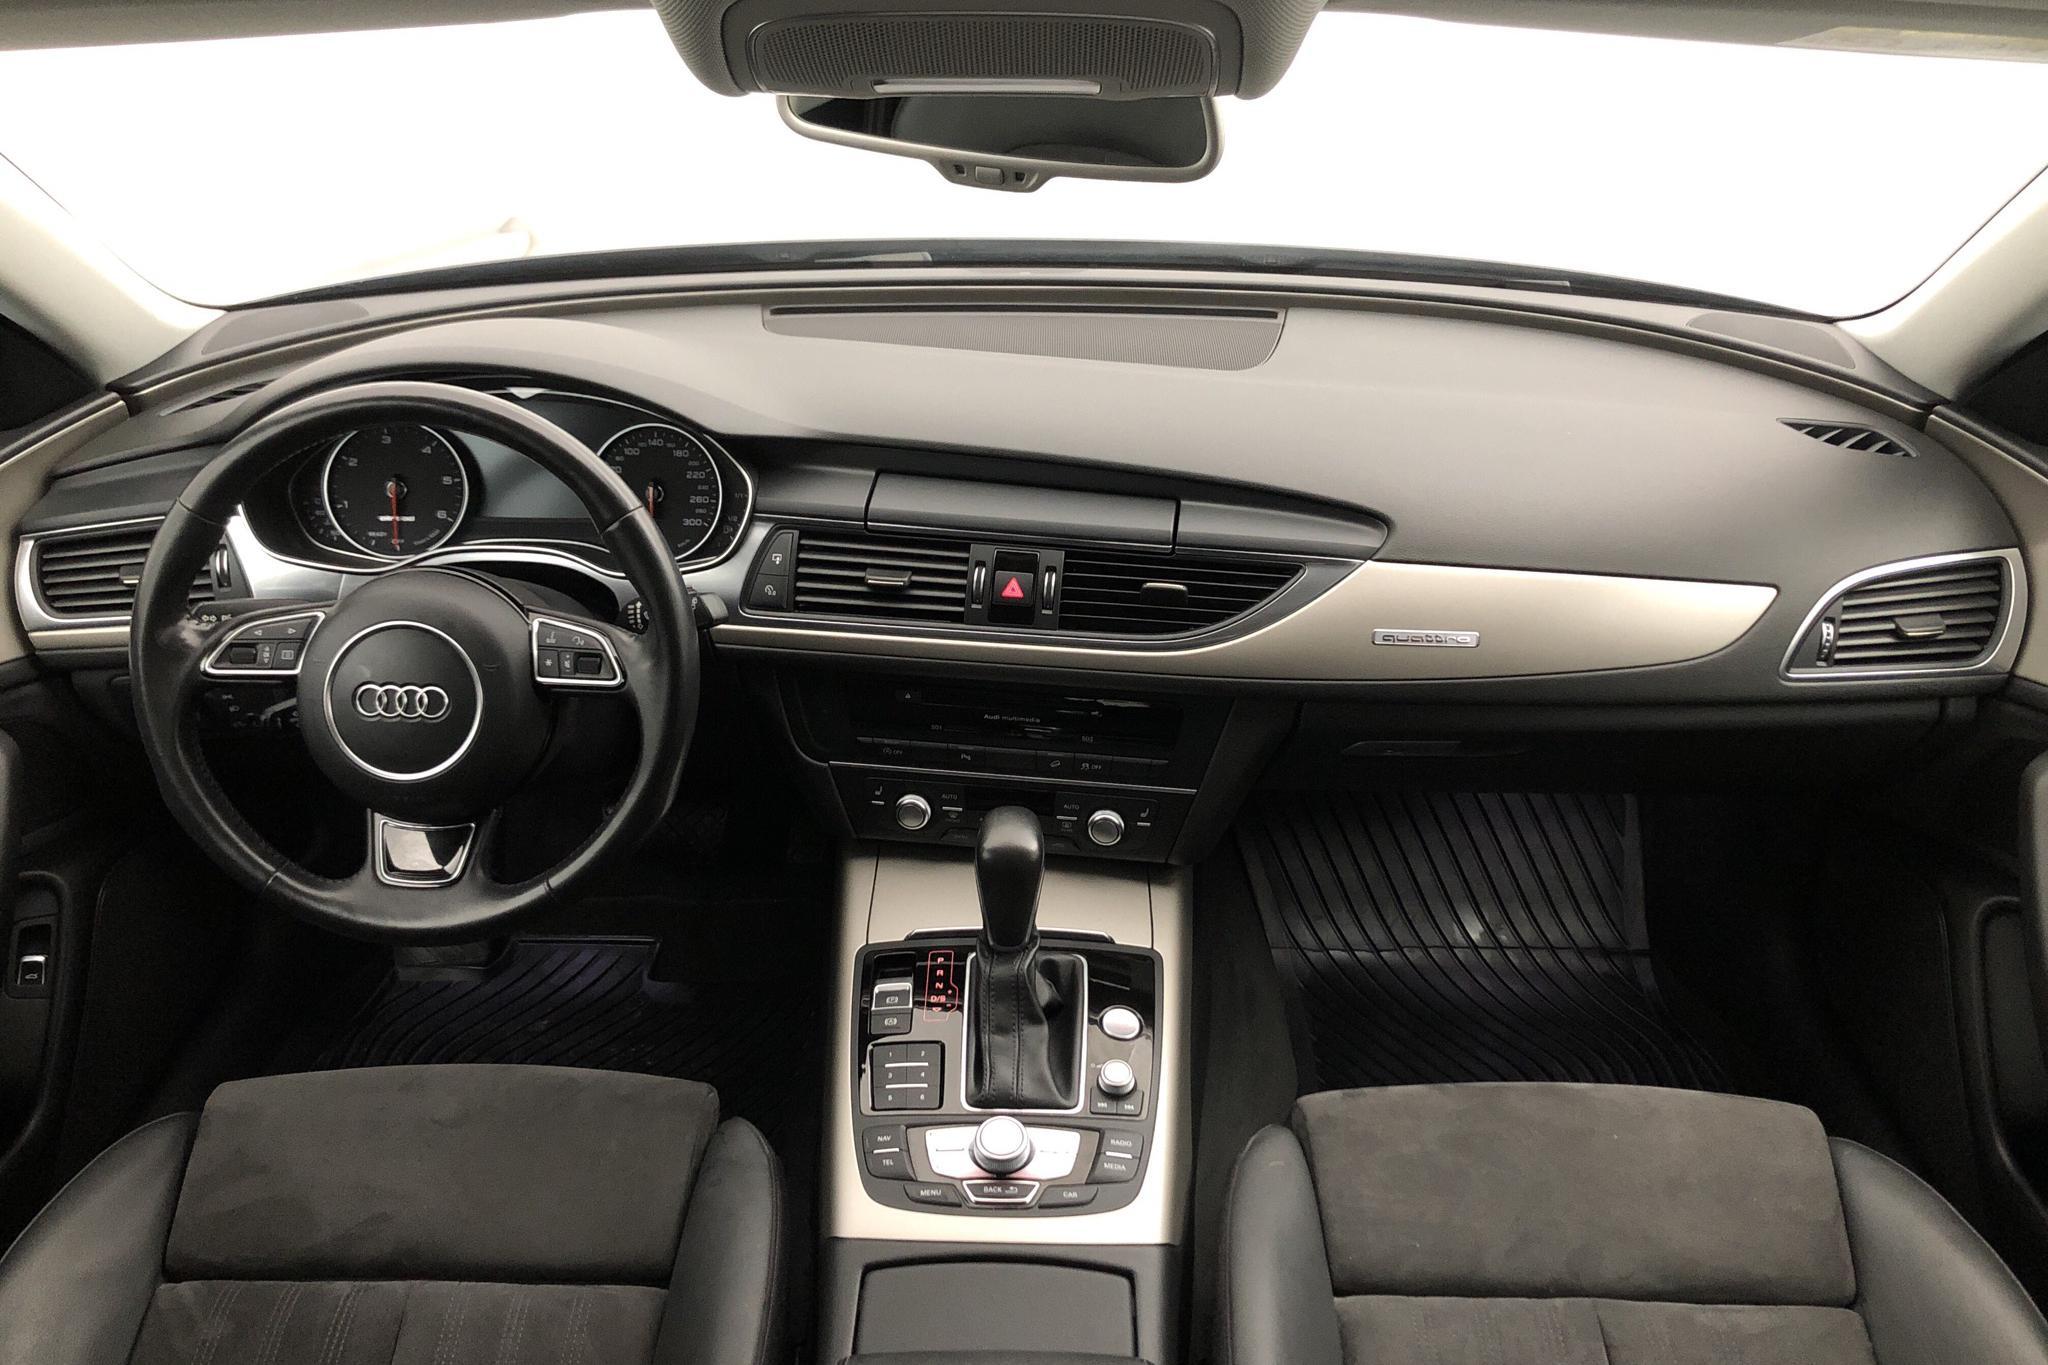 Audi A6 Allroad 3.0 TDI quattro (218hk) - 47 650 km - Automatic - gray - 2017